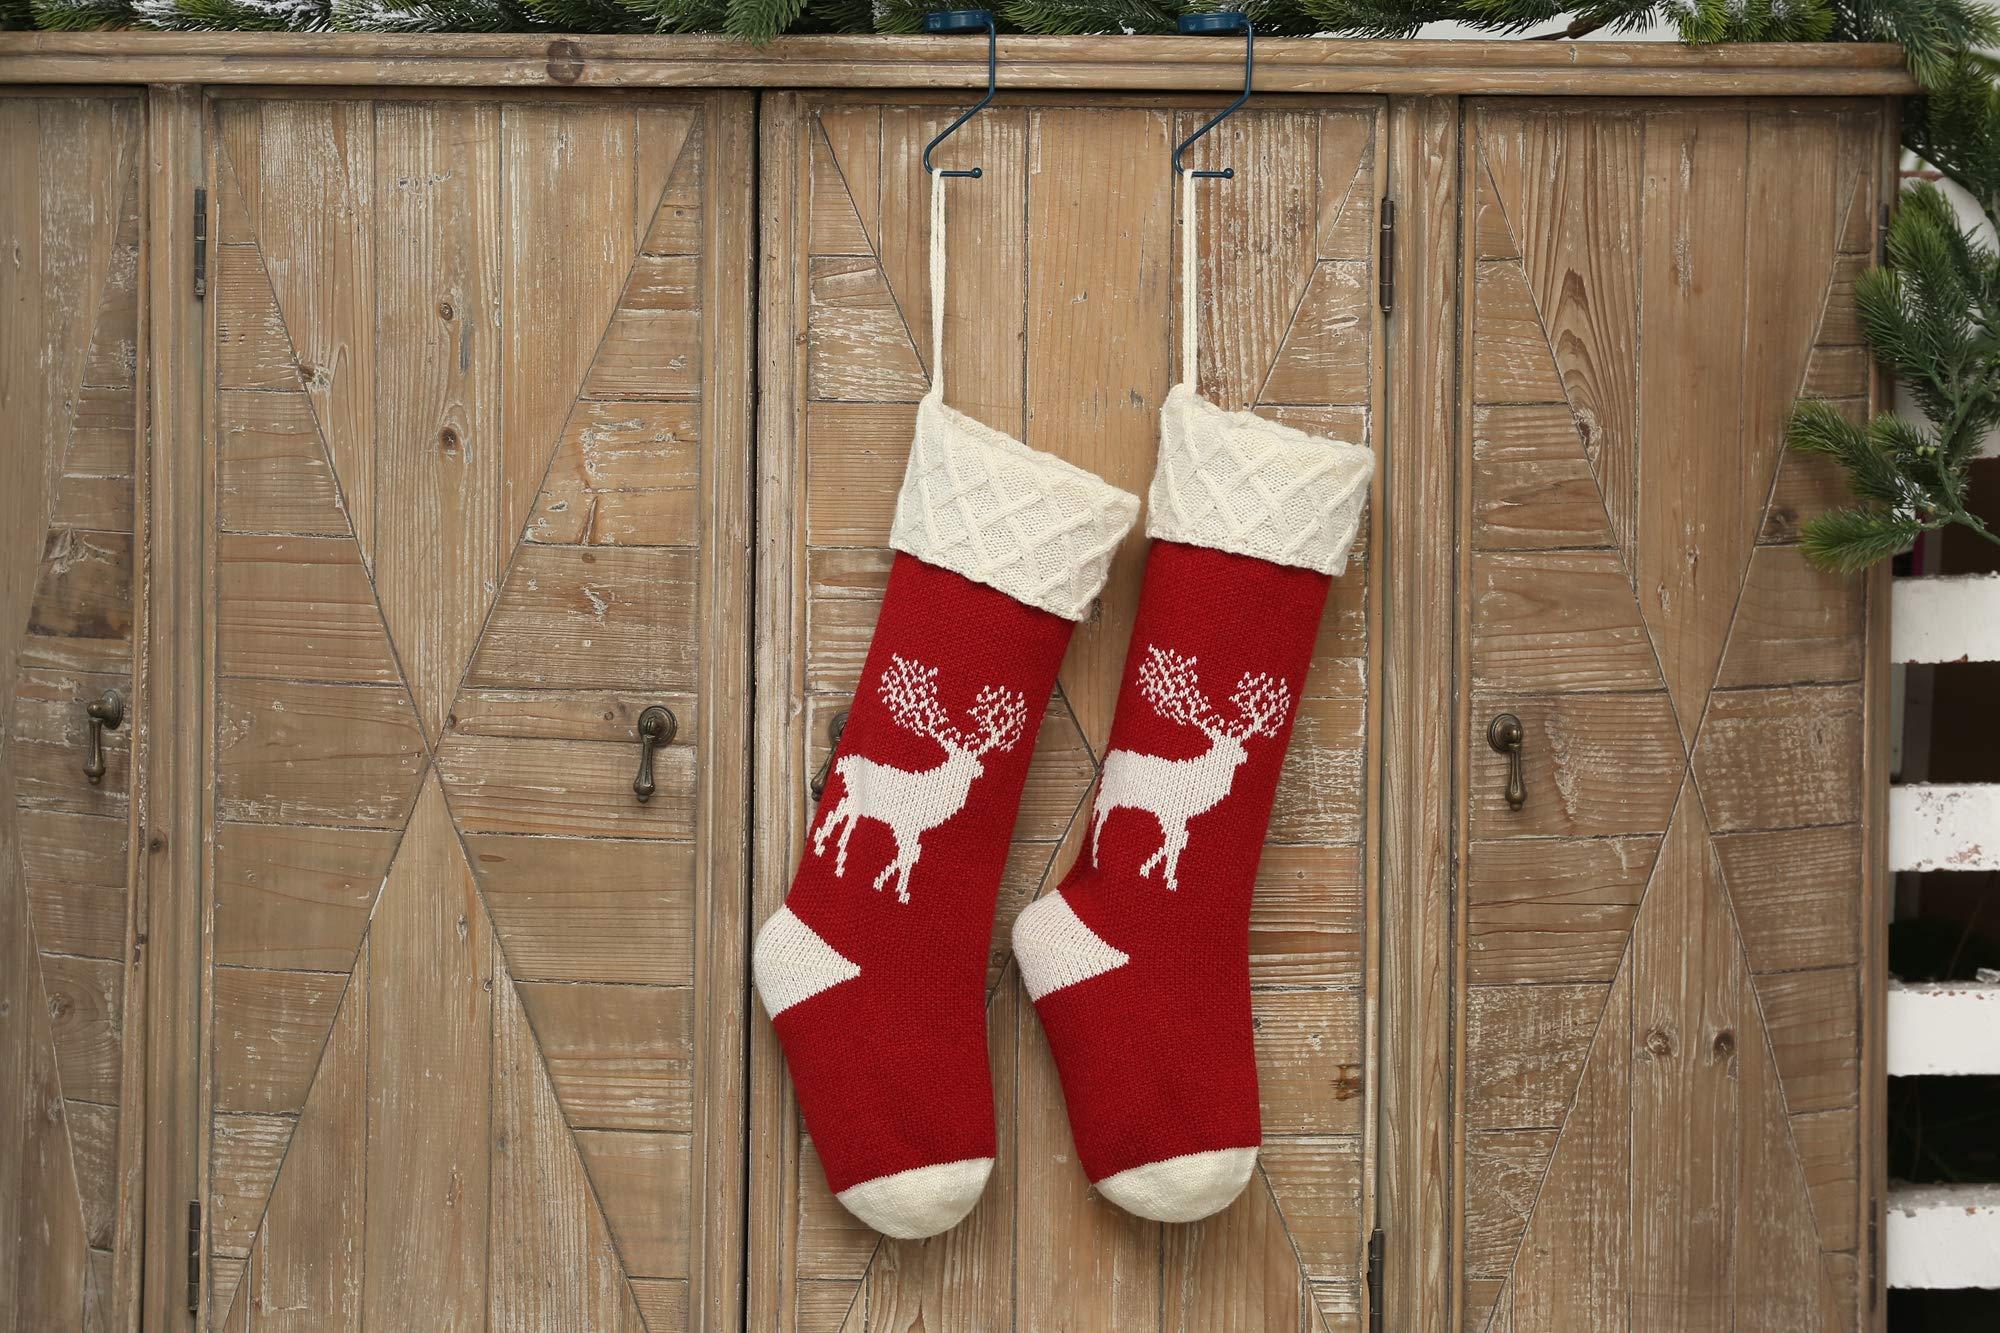 Nikolausstiefel, Nikolausstümpfe, 4er Set, 46x22cm, große Weihnachsstrumpf als Geschenkbeutel zum Befüllen von Süßigkeiten, Spiezeug, Hängende Weihanchtssocken auf Kamin, Schaufenster, Weihnachtsdeko